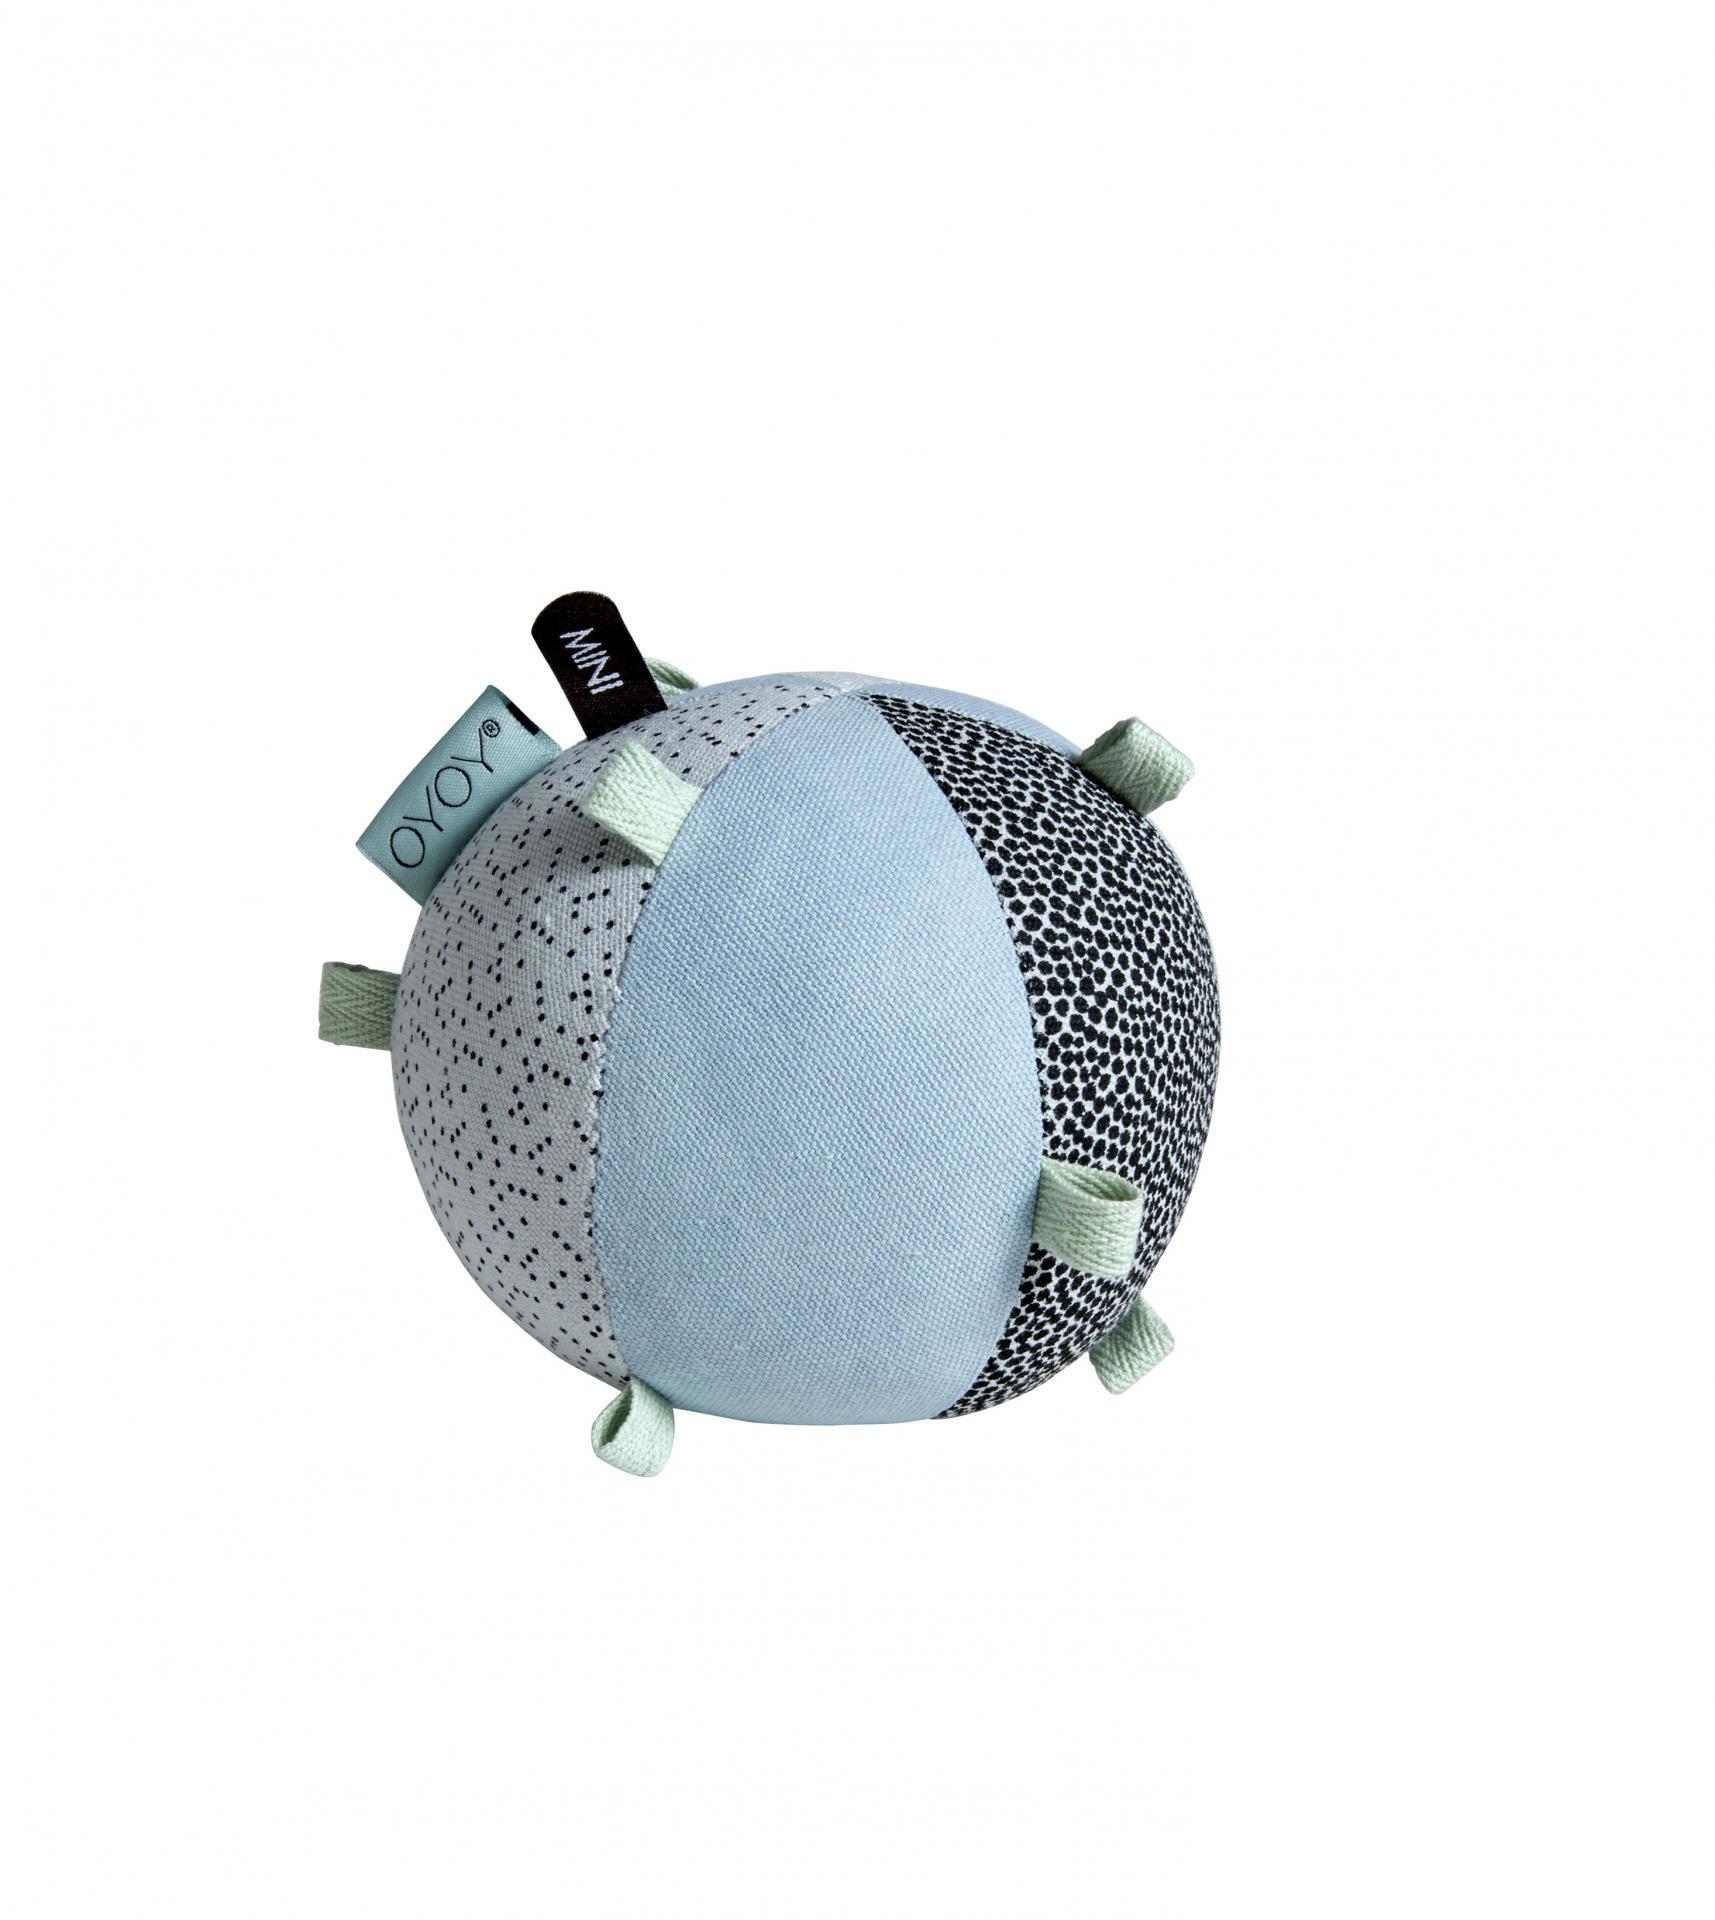 OYOY Textilní hračka pro miminka Ball Dusty aqua, modrá barva, šedá barva, textil